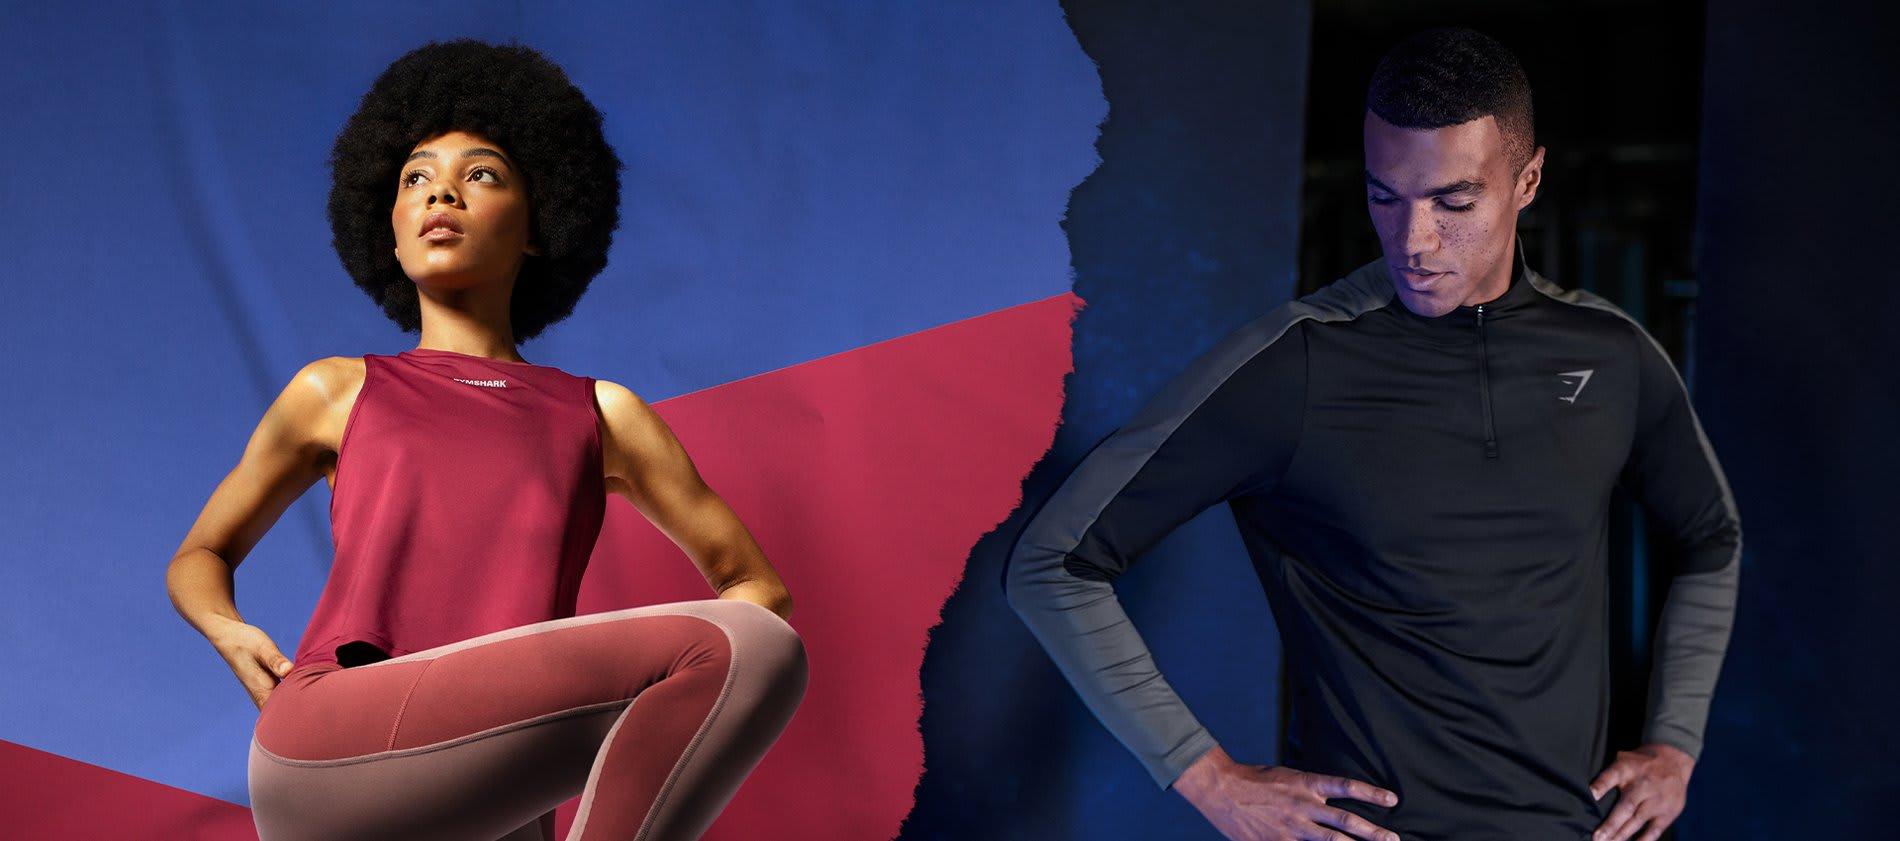 Linke Seite: Frau trägt das Euphoria Tank in Burgundy und Leggings in Taupe. Rechte Seite: Mann trägt die Regulate Kollektion in Schwarz.